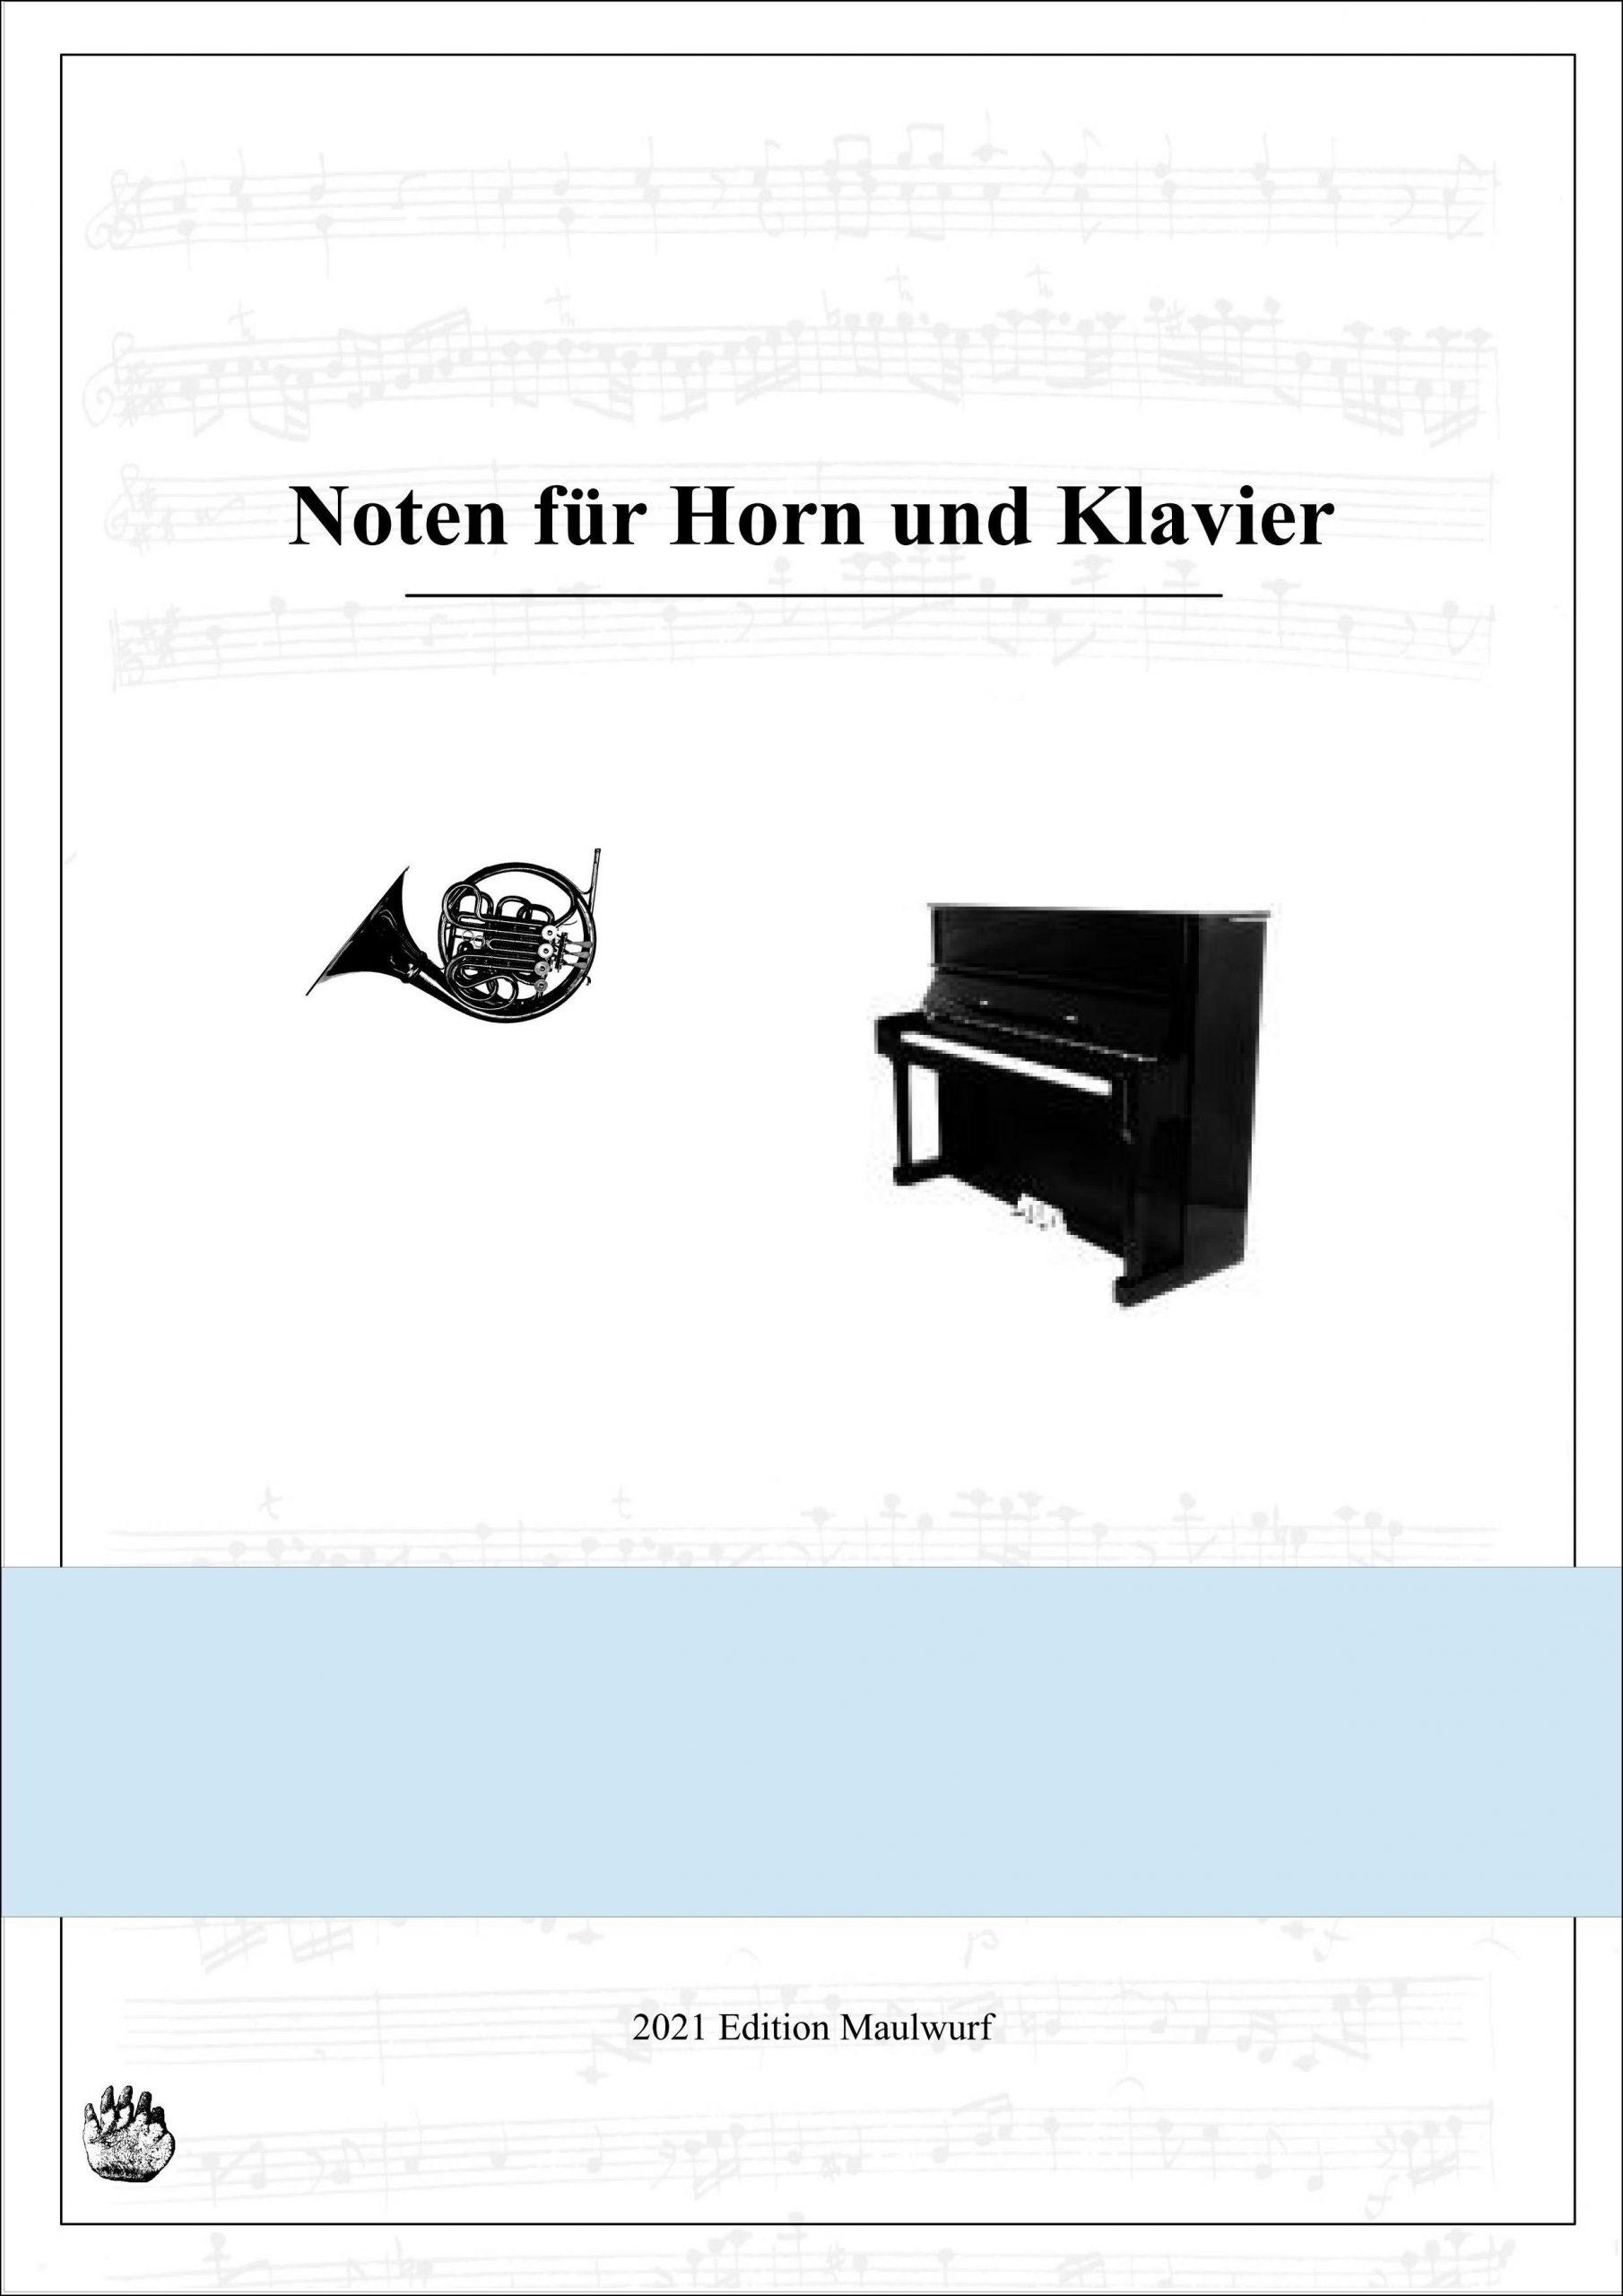 Horn und Klavier